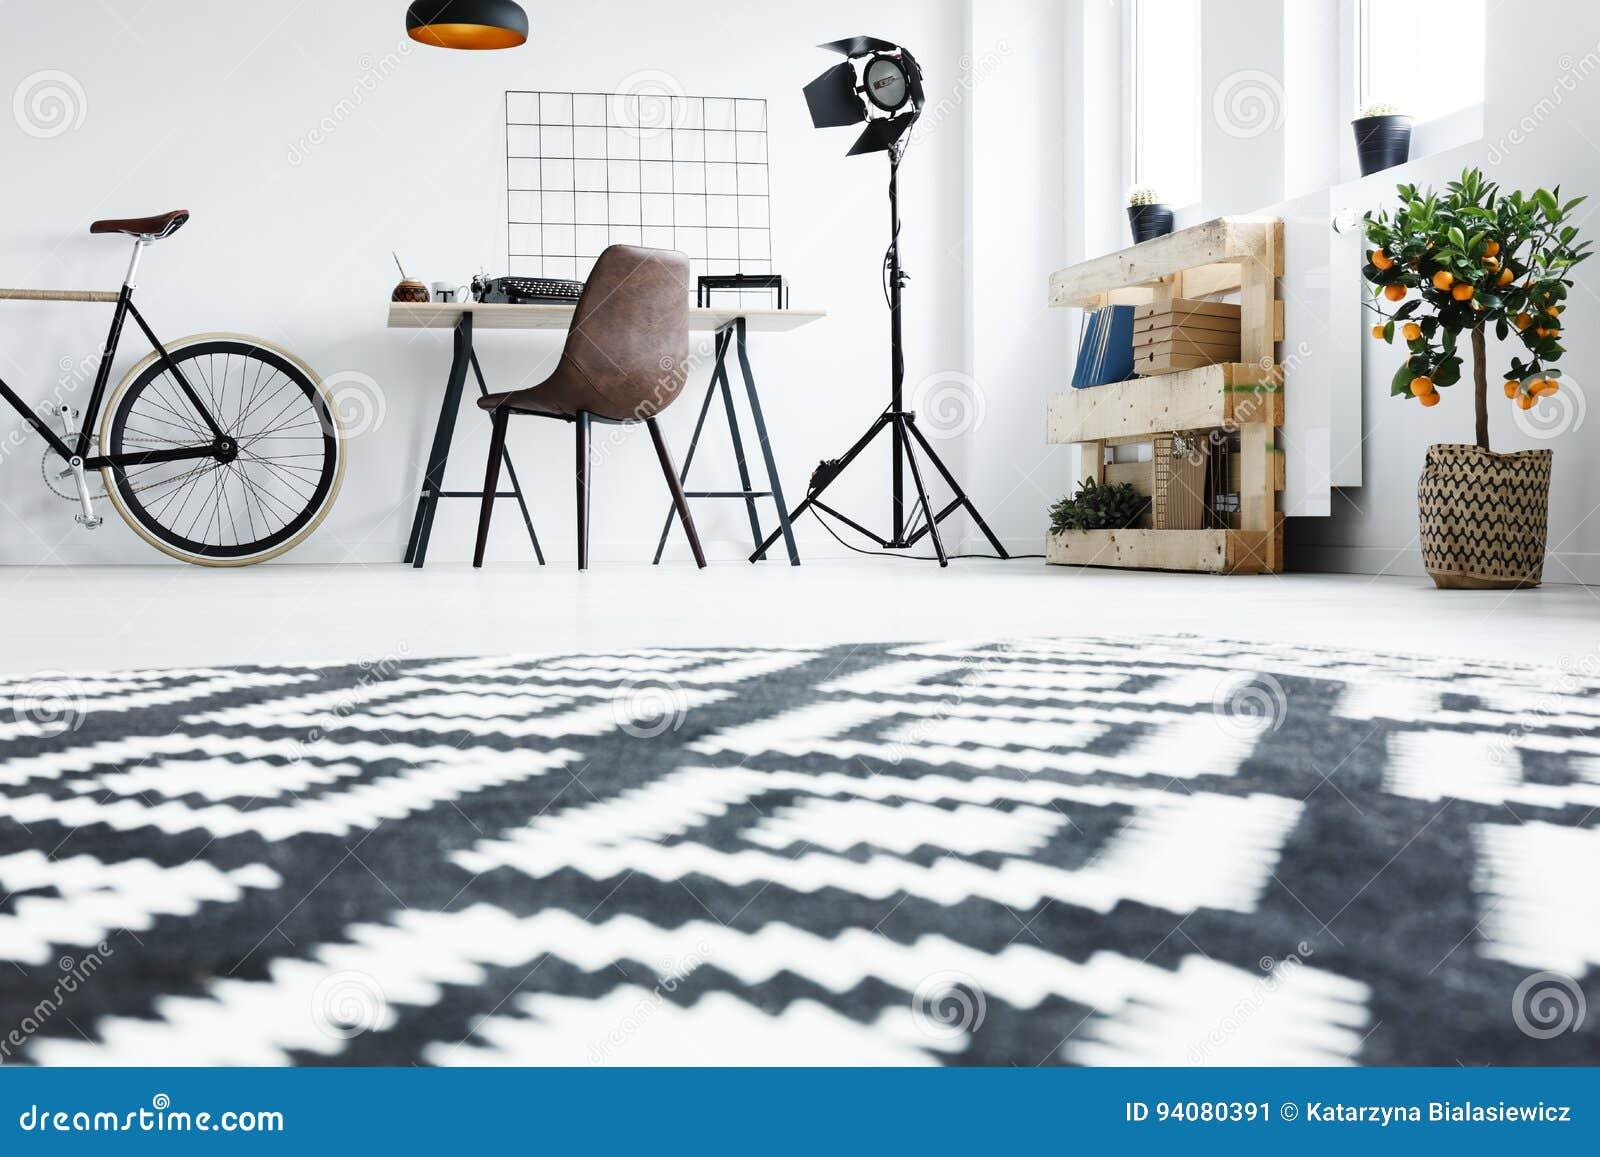 Tapis Noir Et Blanc Dans La Chambre Image stock - Image du vélo ...